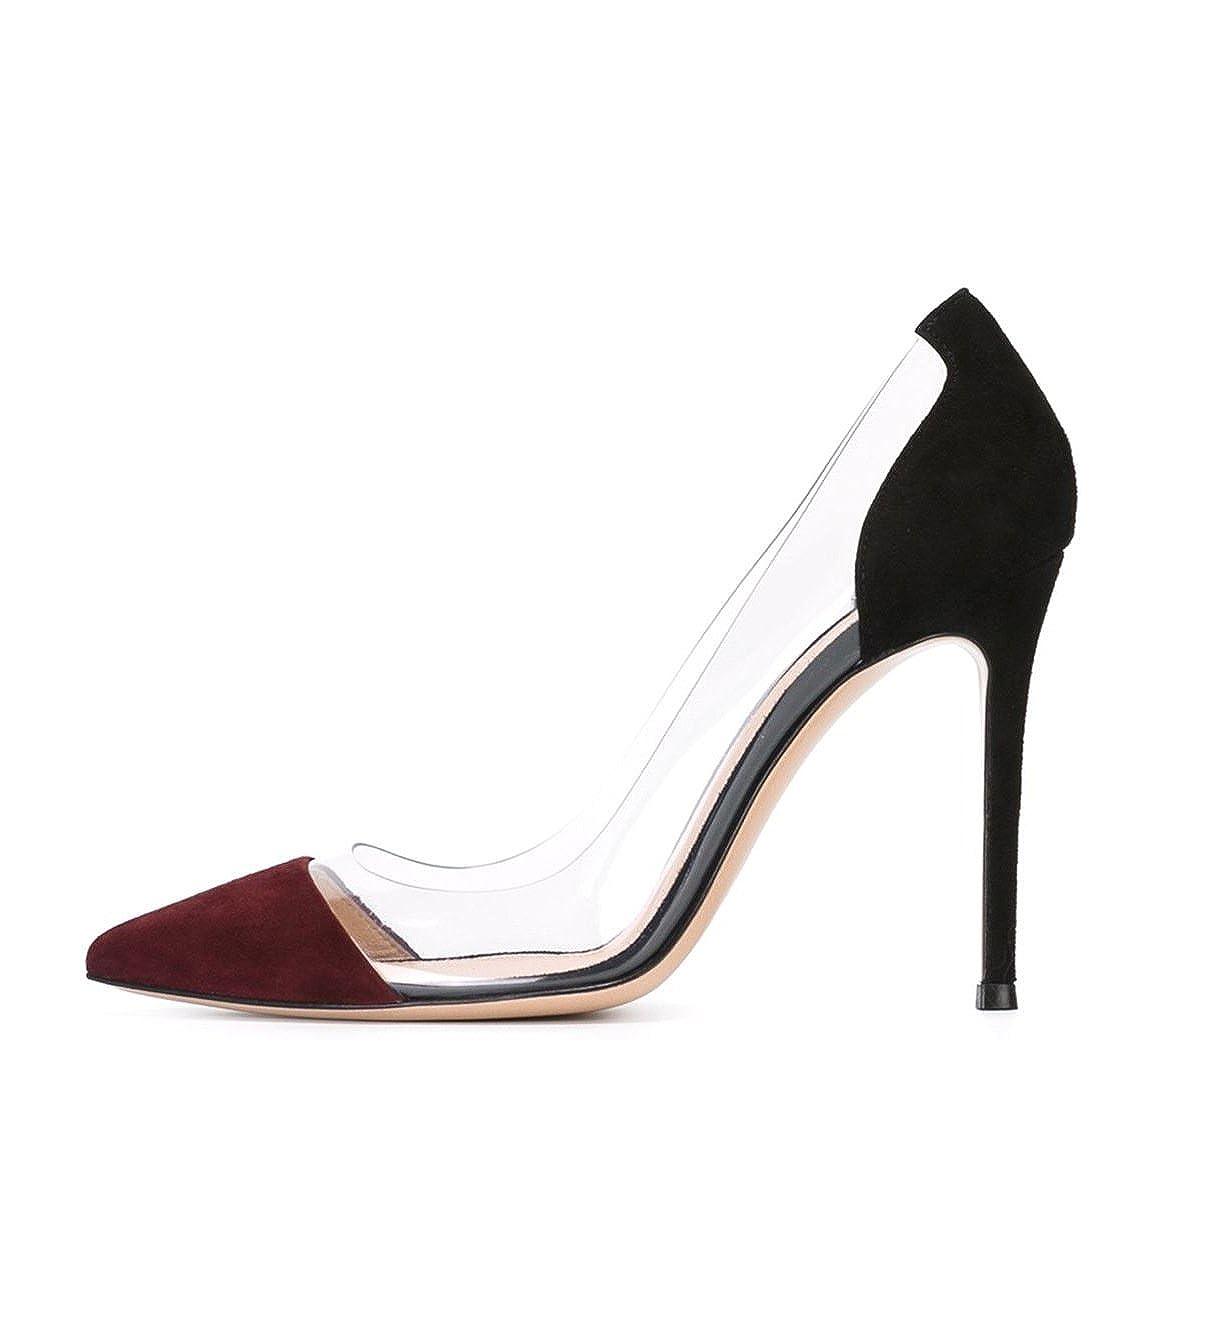 DYF Frauen nackt Scharfe feine Schuhe High Heel Transparent Transparent Transparent Office, 10 cm, Wein Rot + Schwarz, 42  - 5758ce